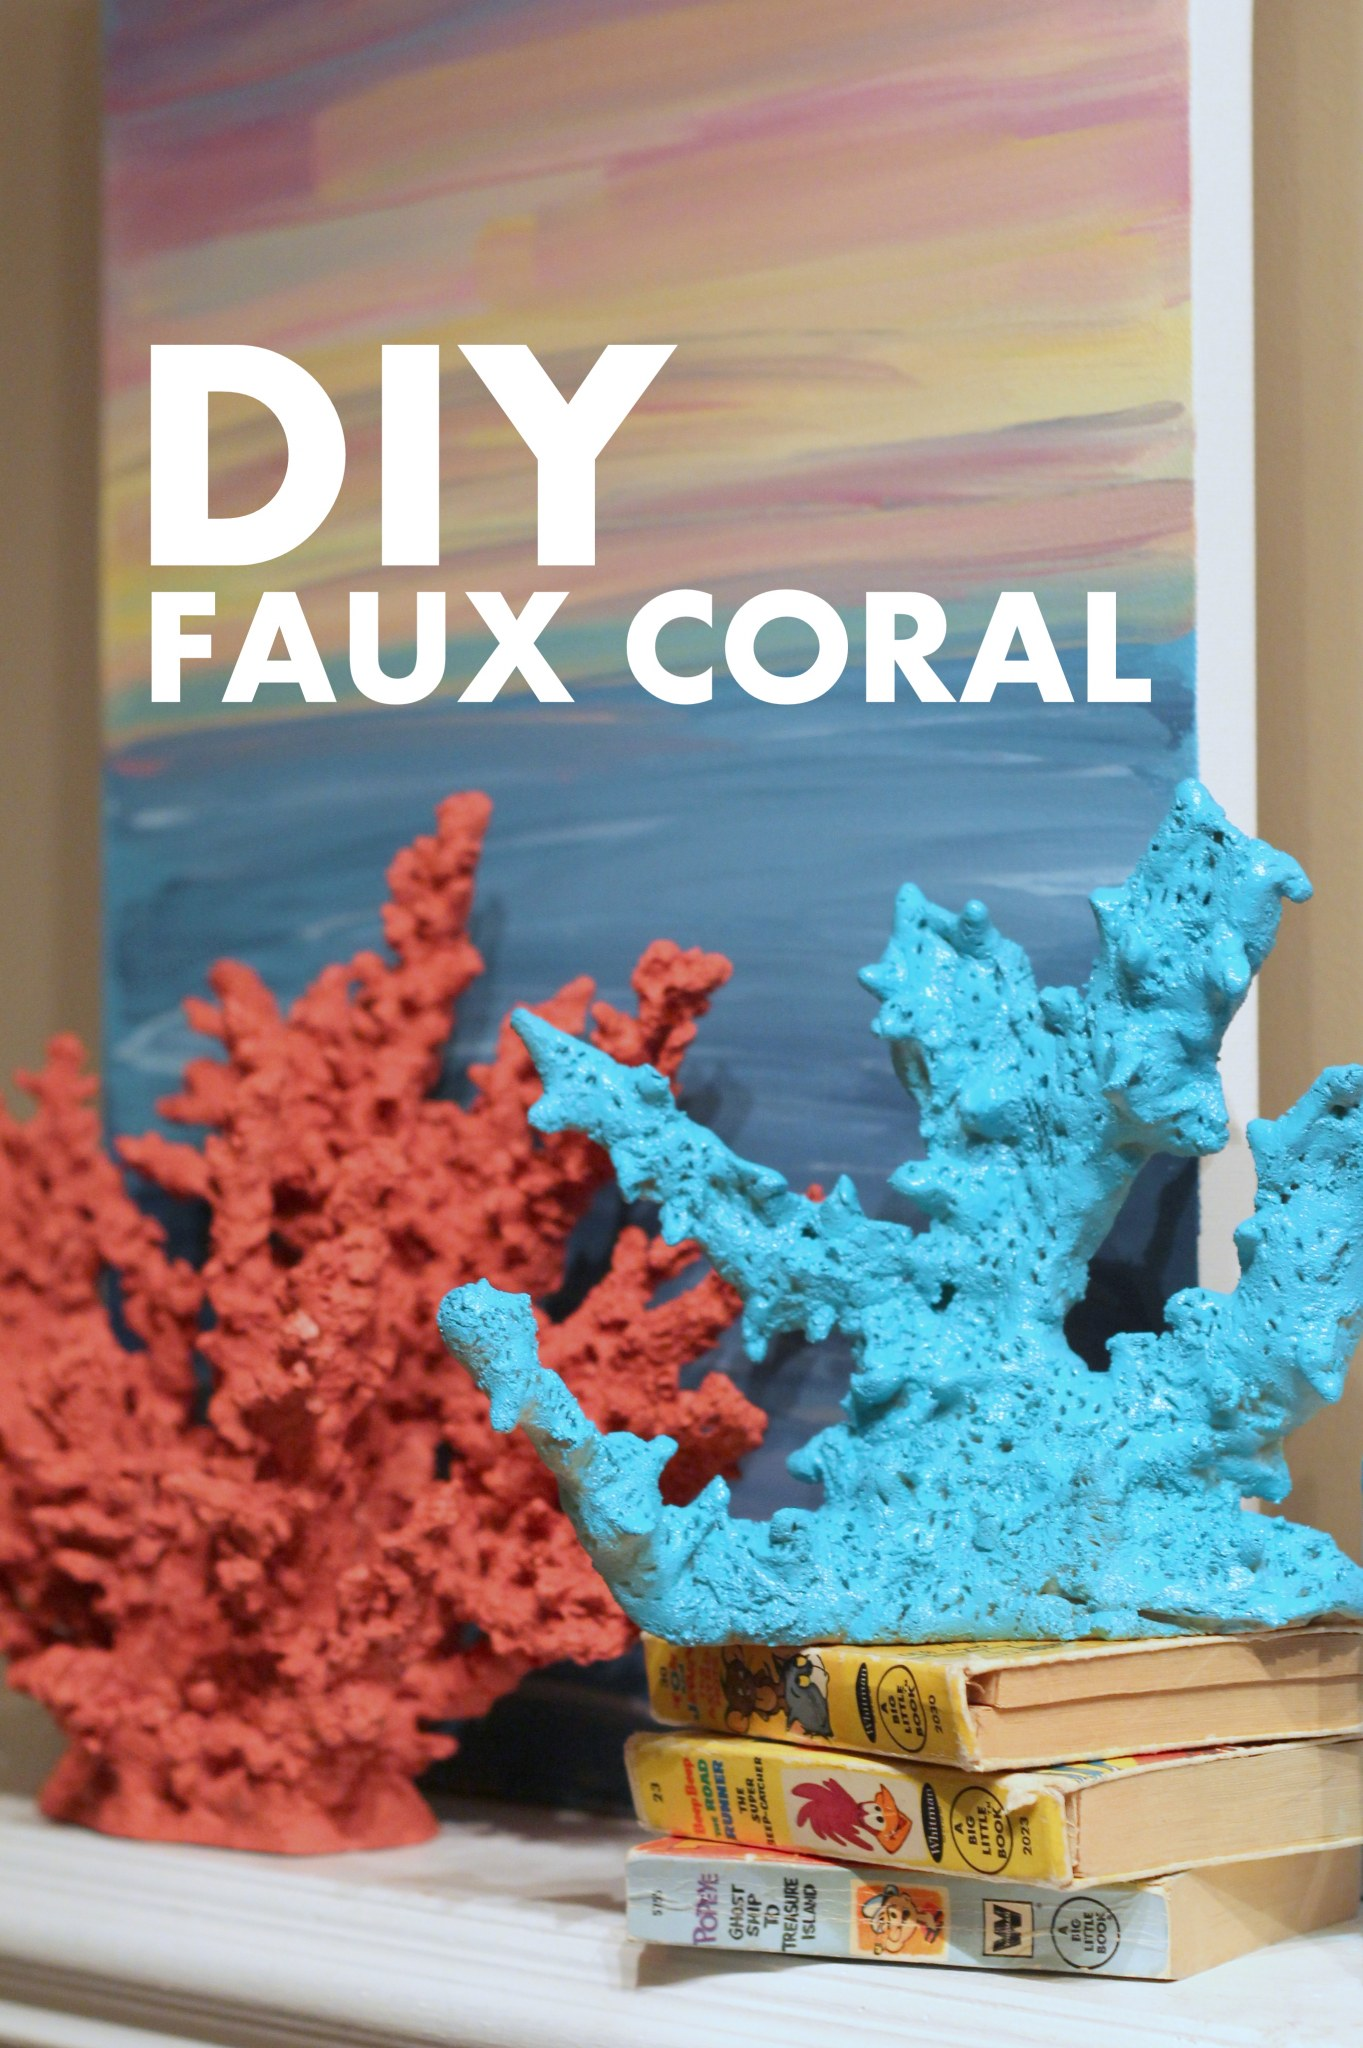 Diy Faux Coral Tutorial